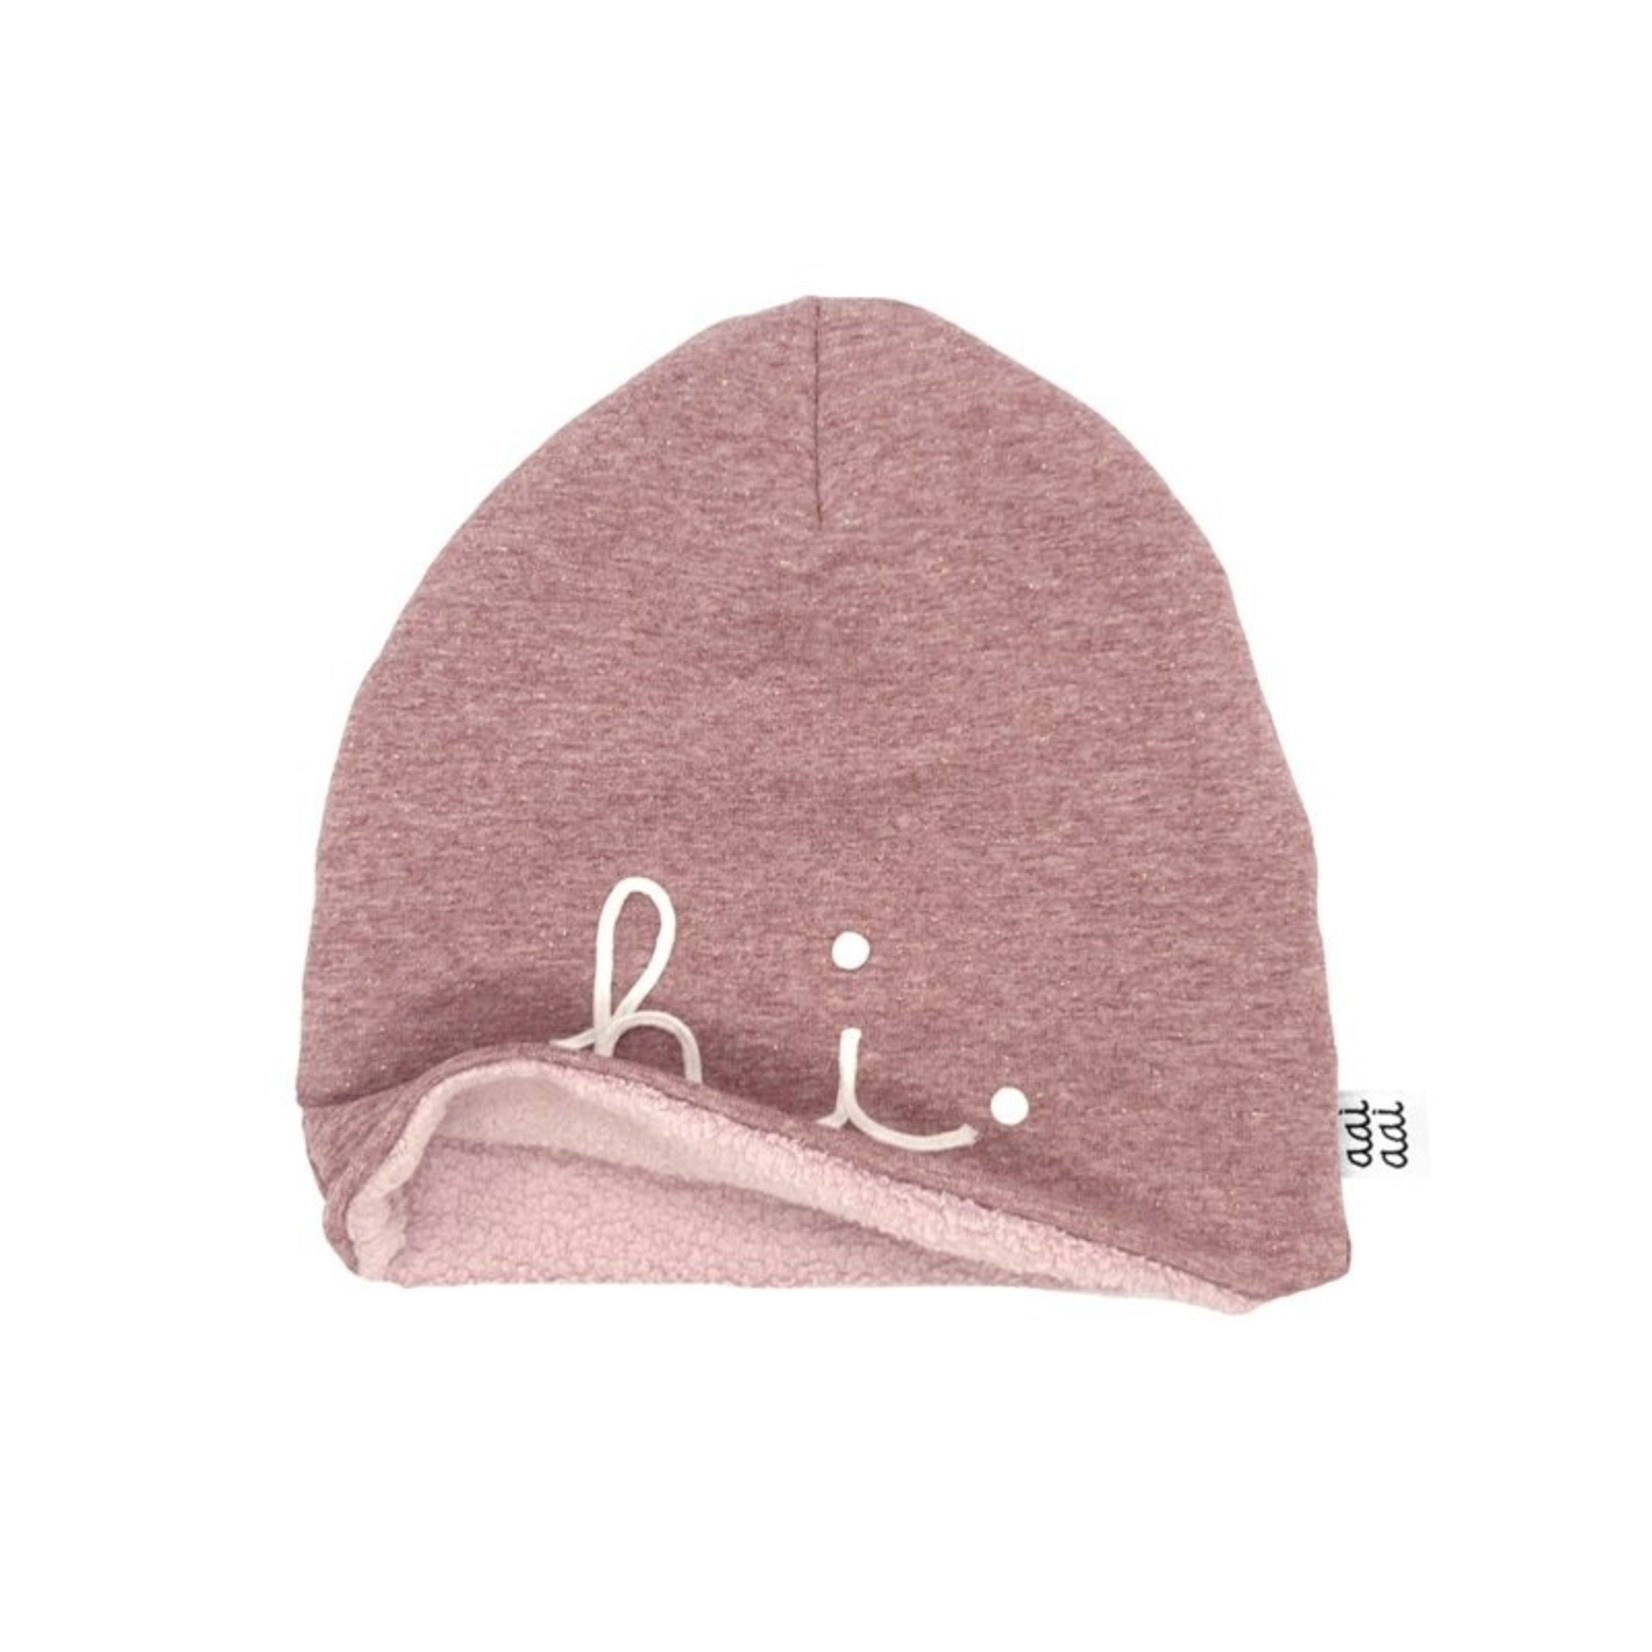 Aai Aai Winterbeanie 'Hi' Pink